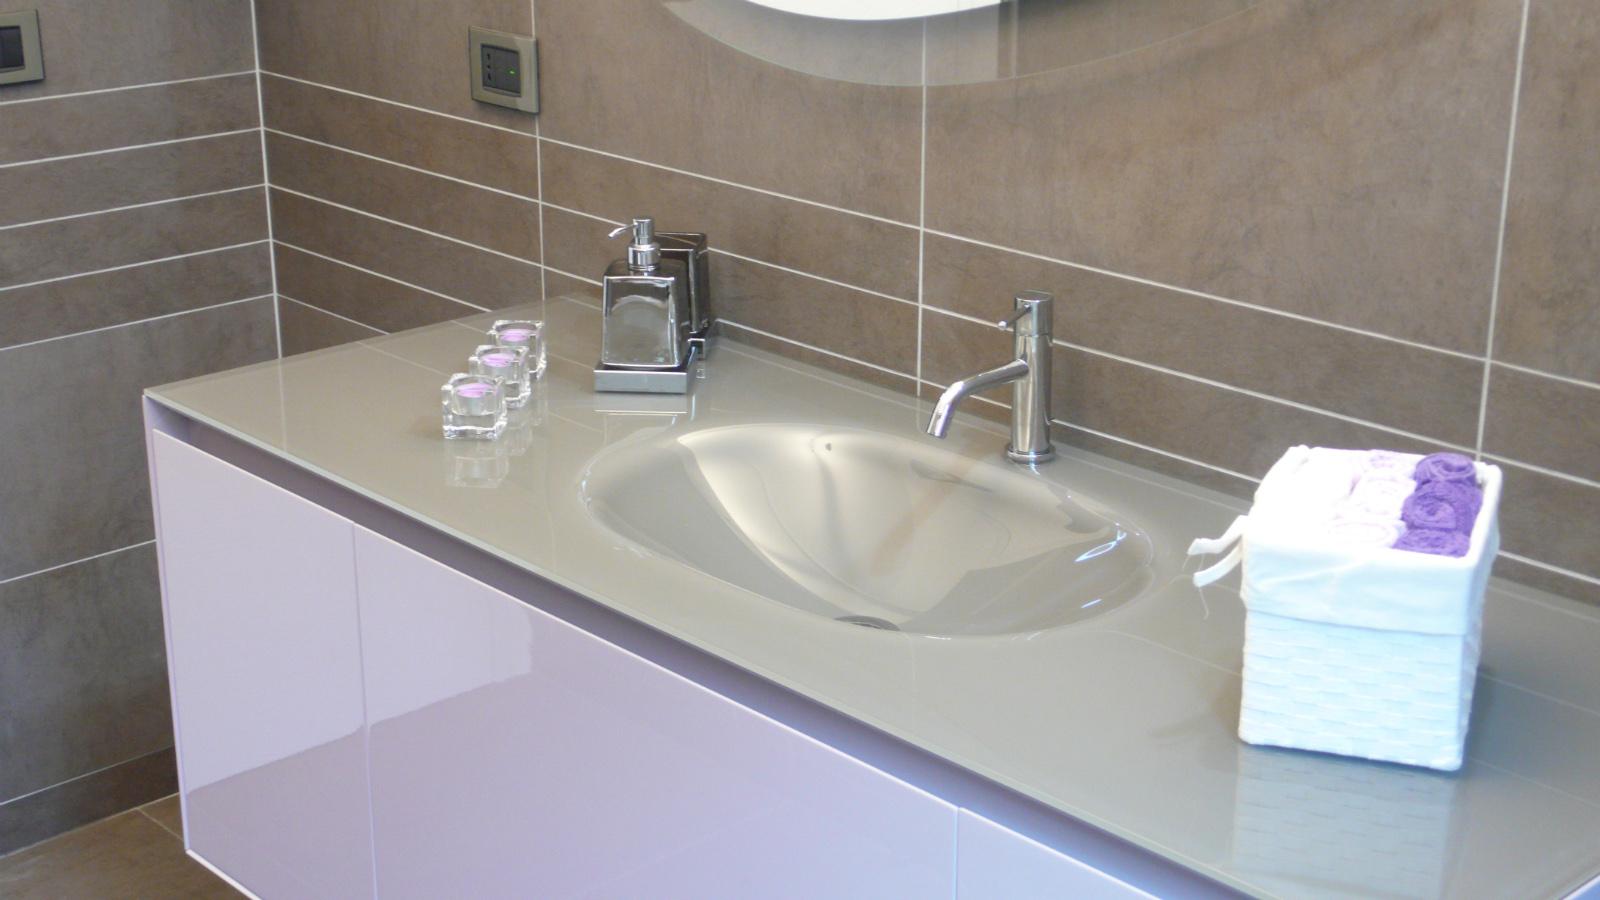 Works sintesibagno progetto e realizzazione arredobagno bagno lady - Sintesi bagno verbania ...